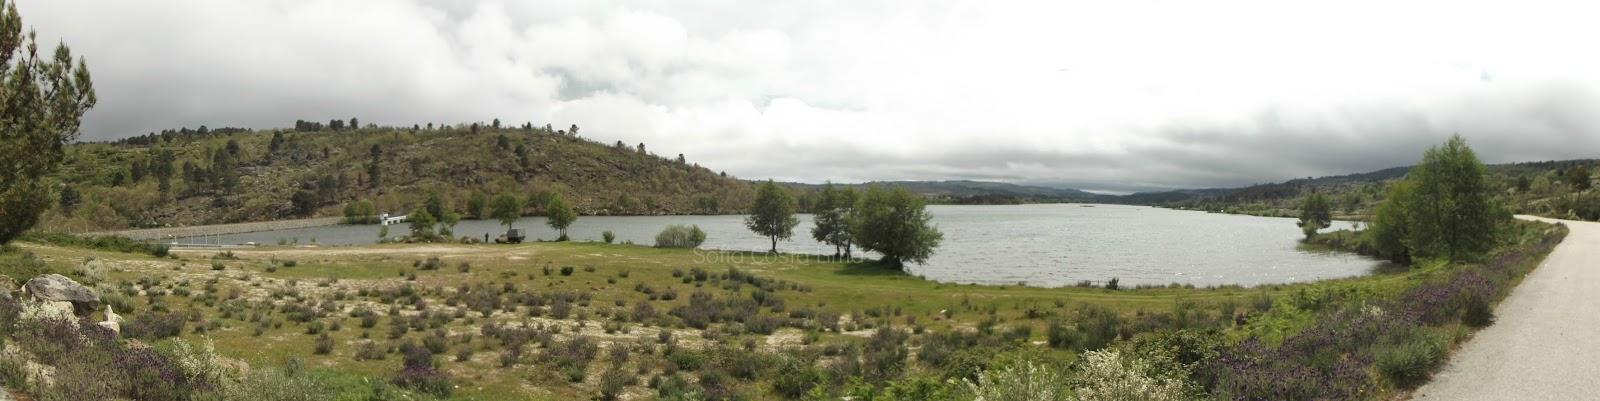 barragem da teja - terrenho, trancoso